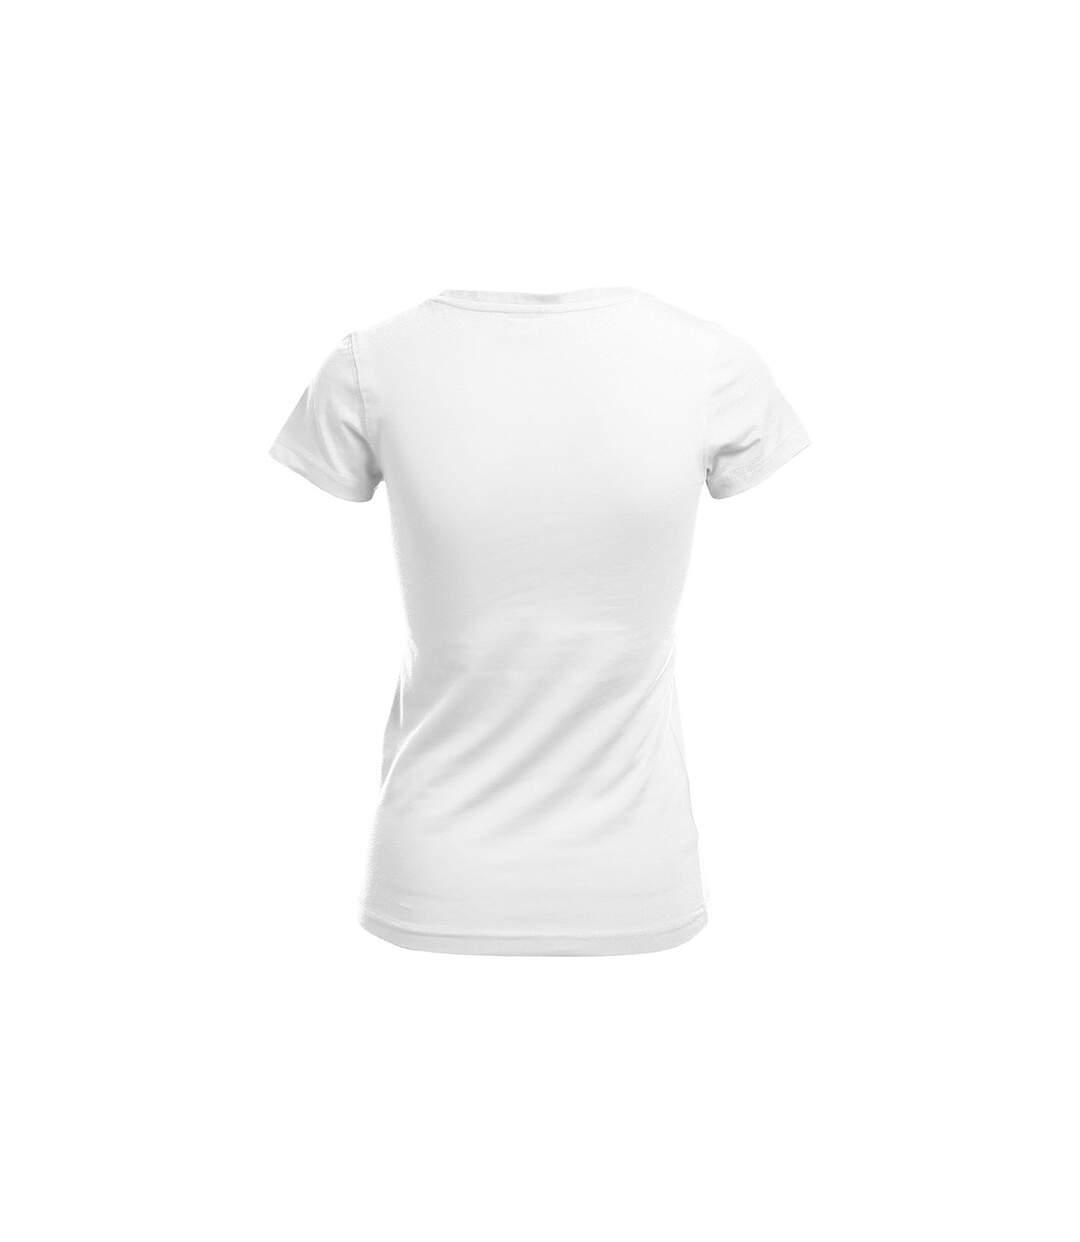 Dégagement T-shirt slim col V Femmes dsf.d455nksdKLFHG